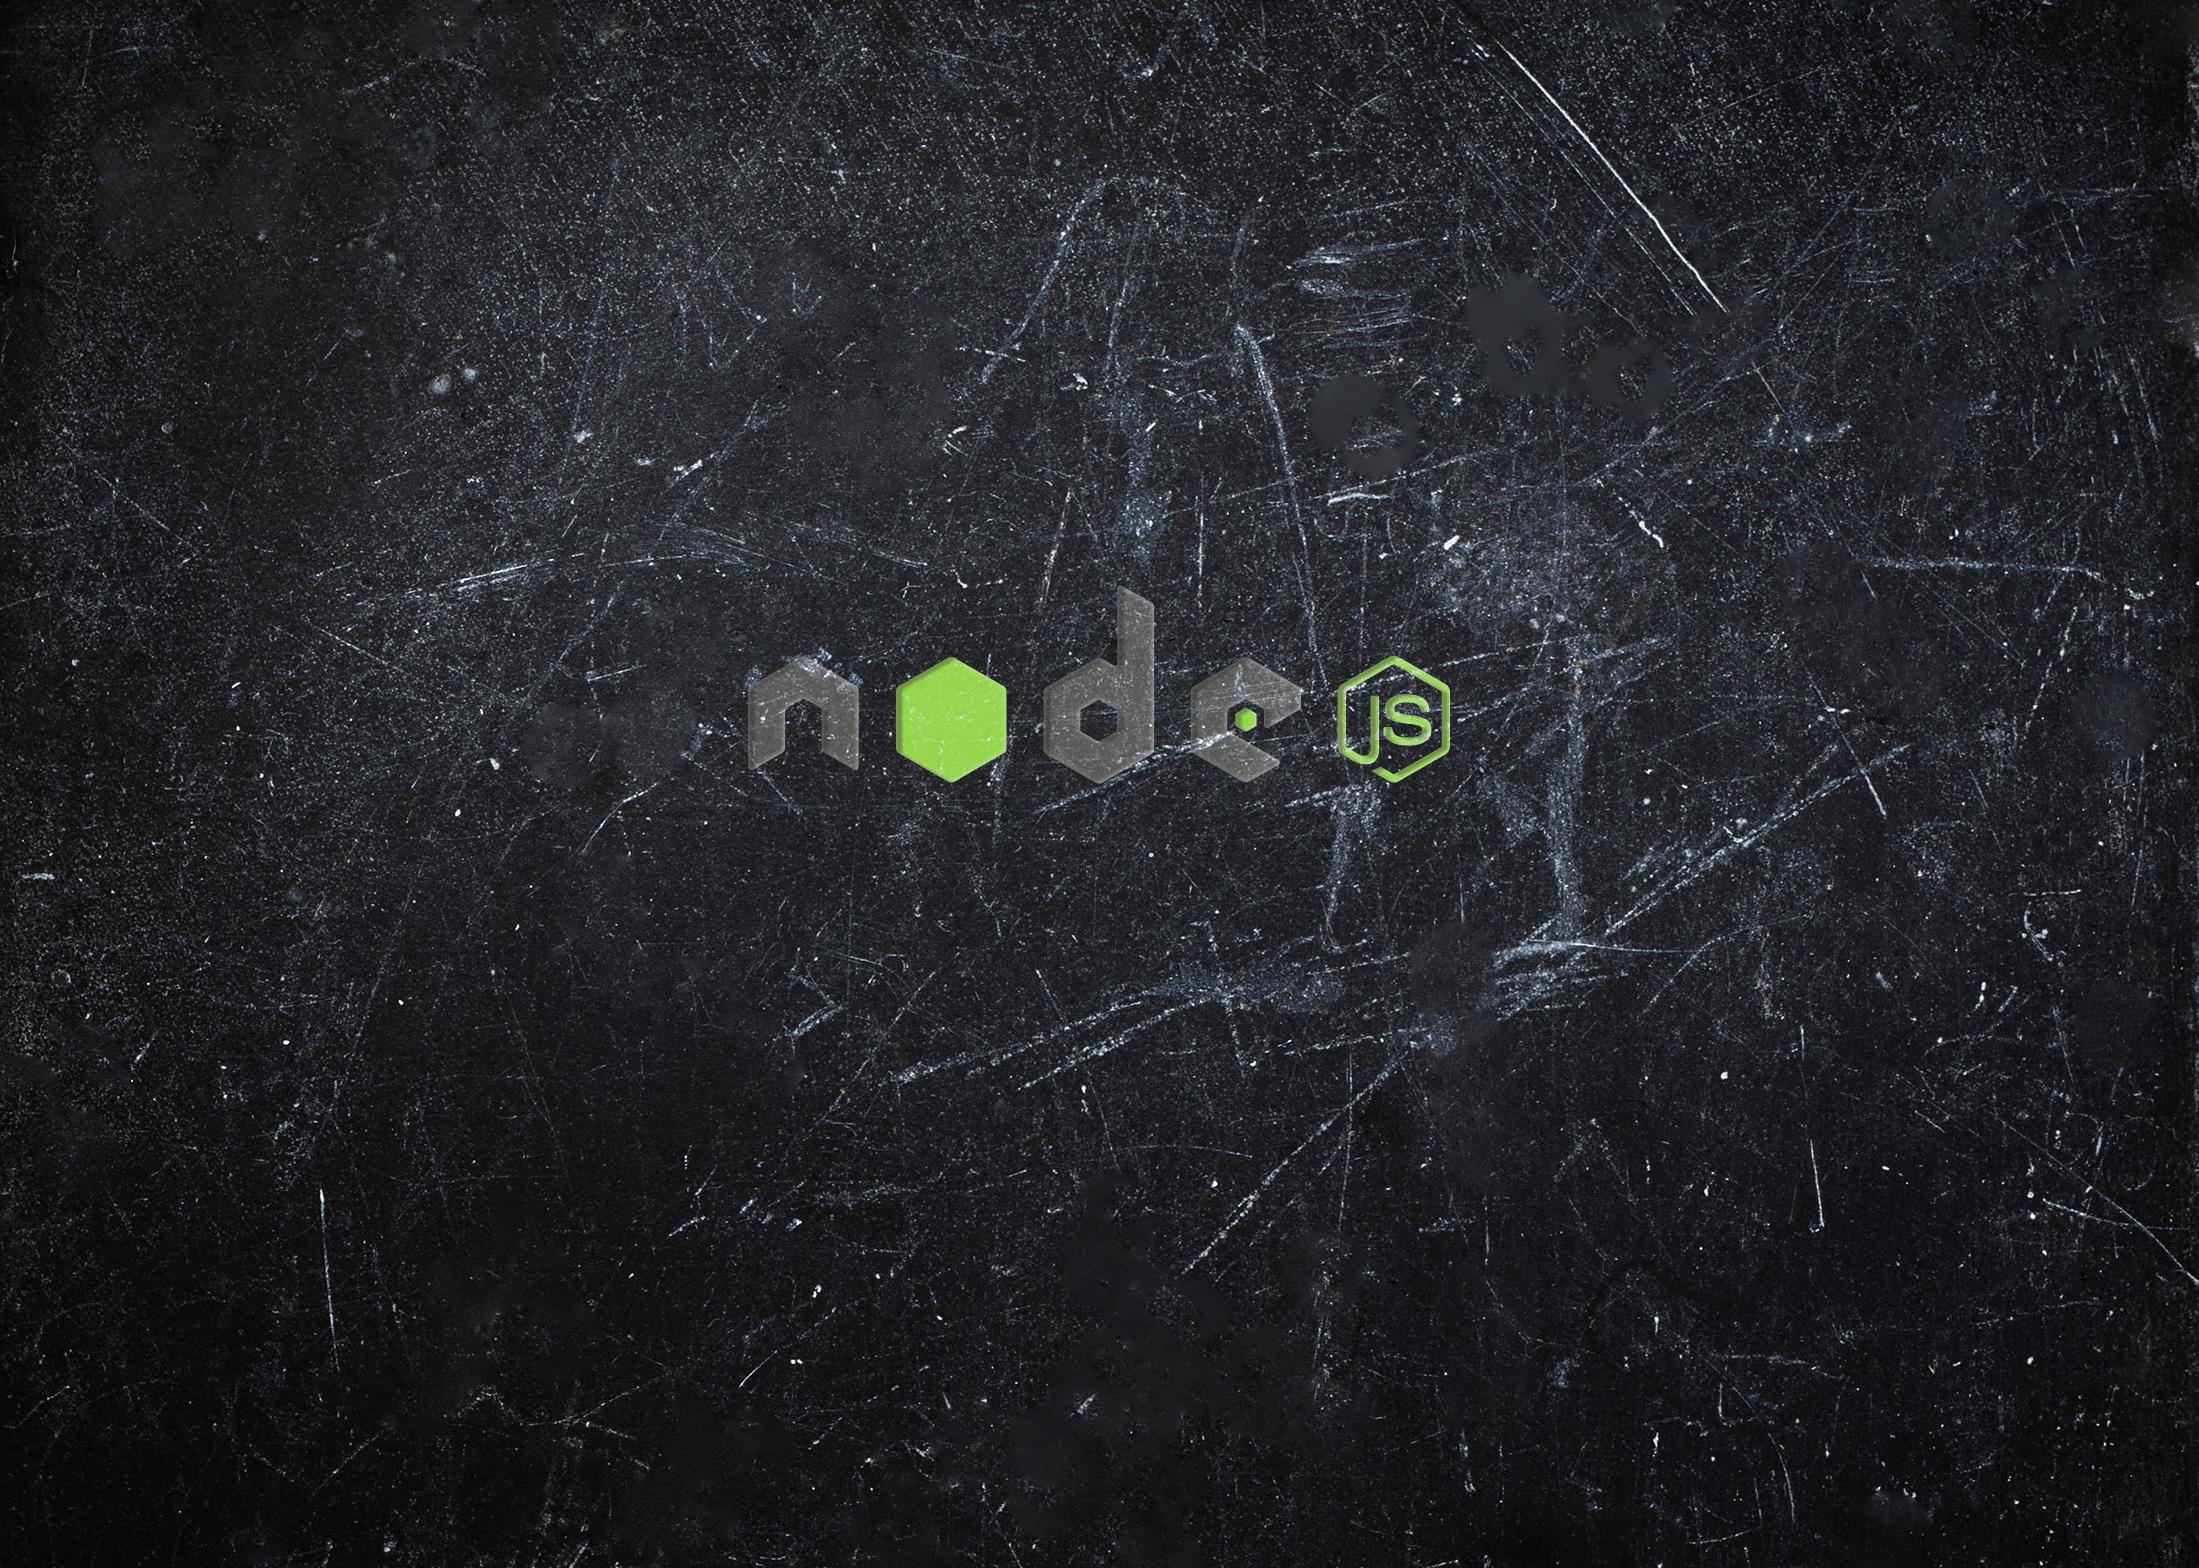 NodeJs Industrial Grunge Wallpaper   Wm Barrett Simms 2199x1568